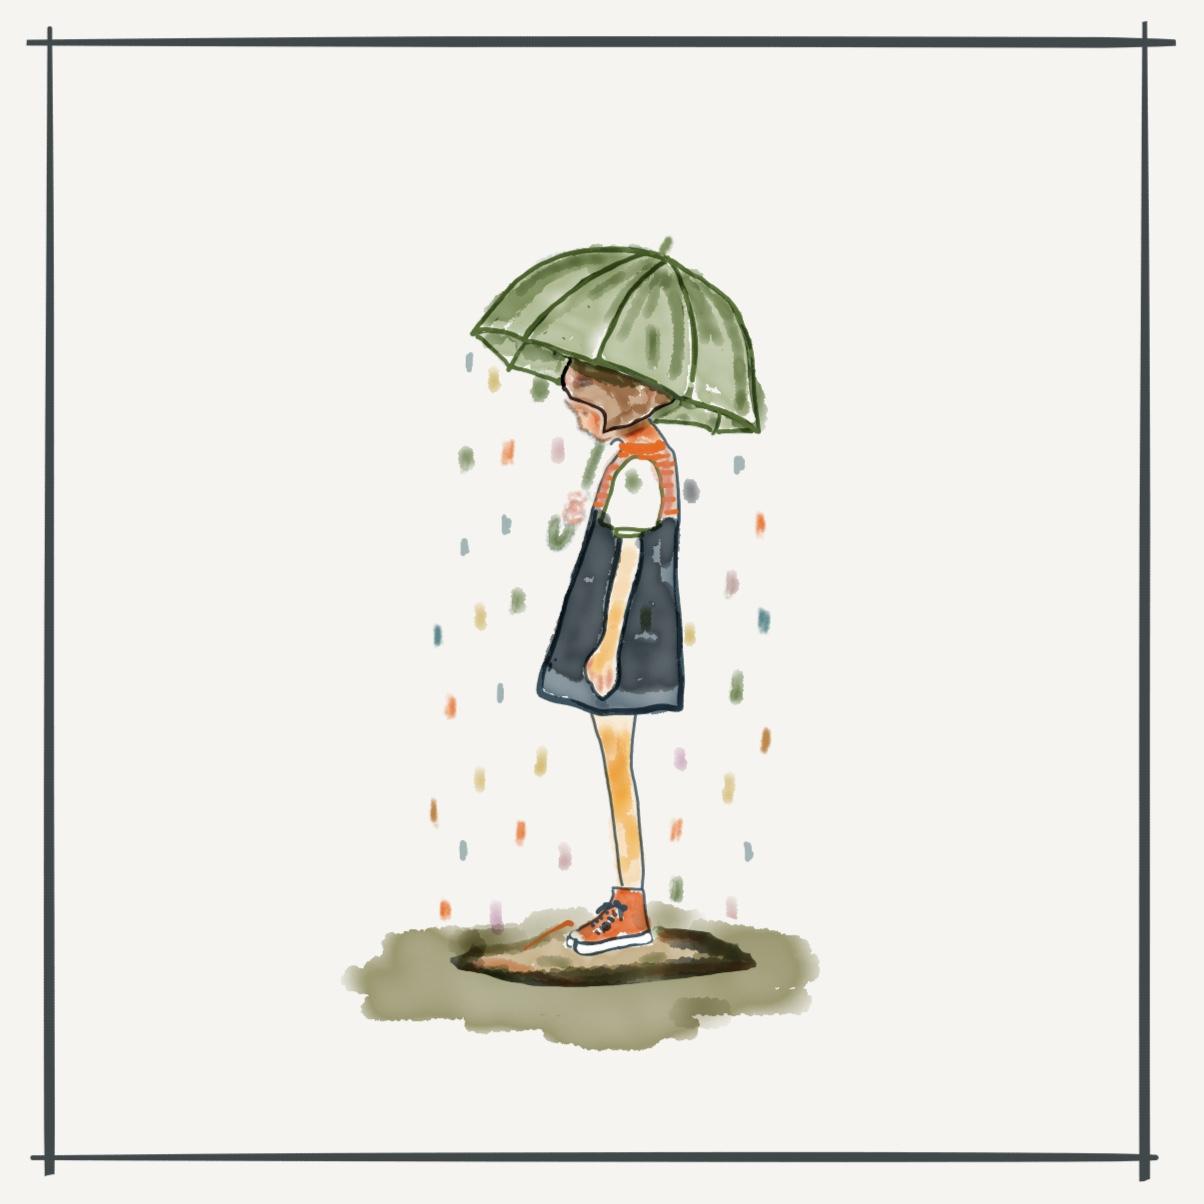 Voldtekt vold og overgrep. Fysisk og psykisk vold. Skyld og skam. #metoo Seksuelle overgrep. Reaksjoner etter overgrep. Psykolog Christine Lien Bergen Norge Norway. Privat psykolog. Parterapi og individualterapi. Emosjonsfokusert terapi. Sorg, sorgterapi, sorgprosess, sorgbearbeiding, bearbeide sorg, mestring av sorg, krisepsykologi, sorgreaksjoner, komplisert sorg, depresjoner, angst, utbrenthet, utbrent. Traume traumer traumatisert traumeterapi. Kompleks traumatisering. Dissosiasjon. Følelser. Å møte og håndtere følelser. Kriser og kriseberedskap. Hjelp til pårørende. Emotion focused therapy Bergen. Klinikk for krisepsykologi. Senter for krisepsykologi. Anbefalt terapeut parterapeut. Emotion revolution Bergen 2018. Samlivsterapi. Individualterapi. Anbefalt psykolog. Selvutvikling og mindfulness. Ikkevoldskommunikasjon. Empatisk kommunikasjon. Kommunikasjonsproblemer. Giraffspråk.